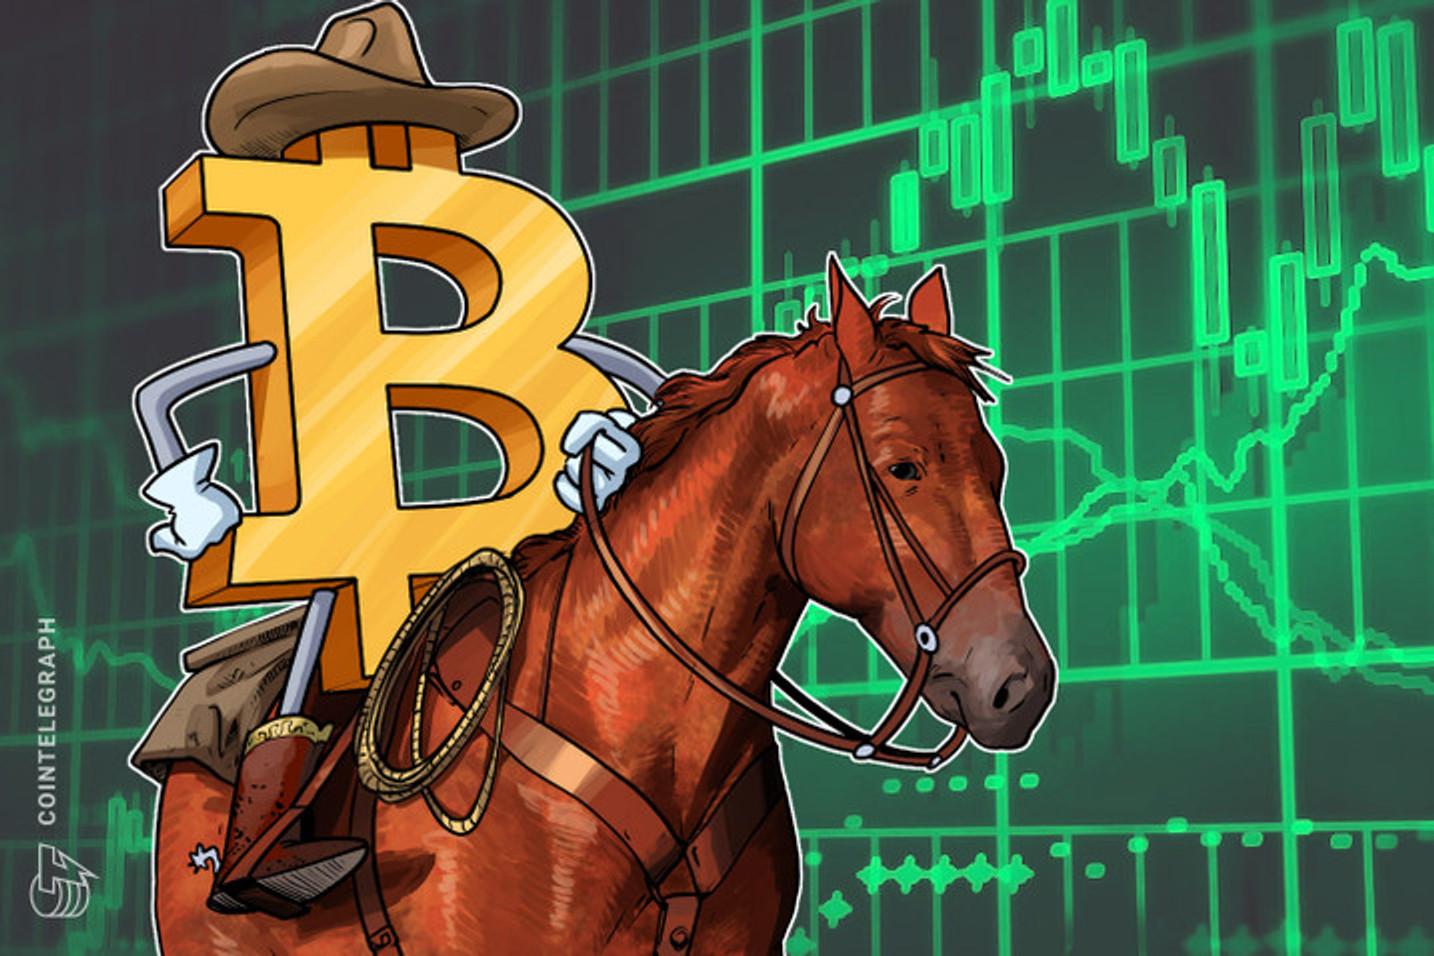 Labitconf: Según el cofundador de DeCrypto, el precio de Bitcoin podría llegar a los USD 170,000 en 2021